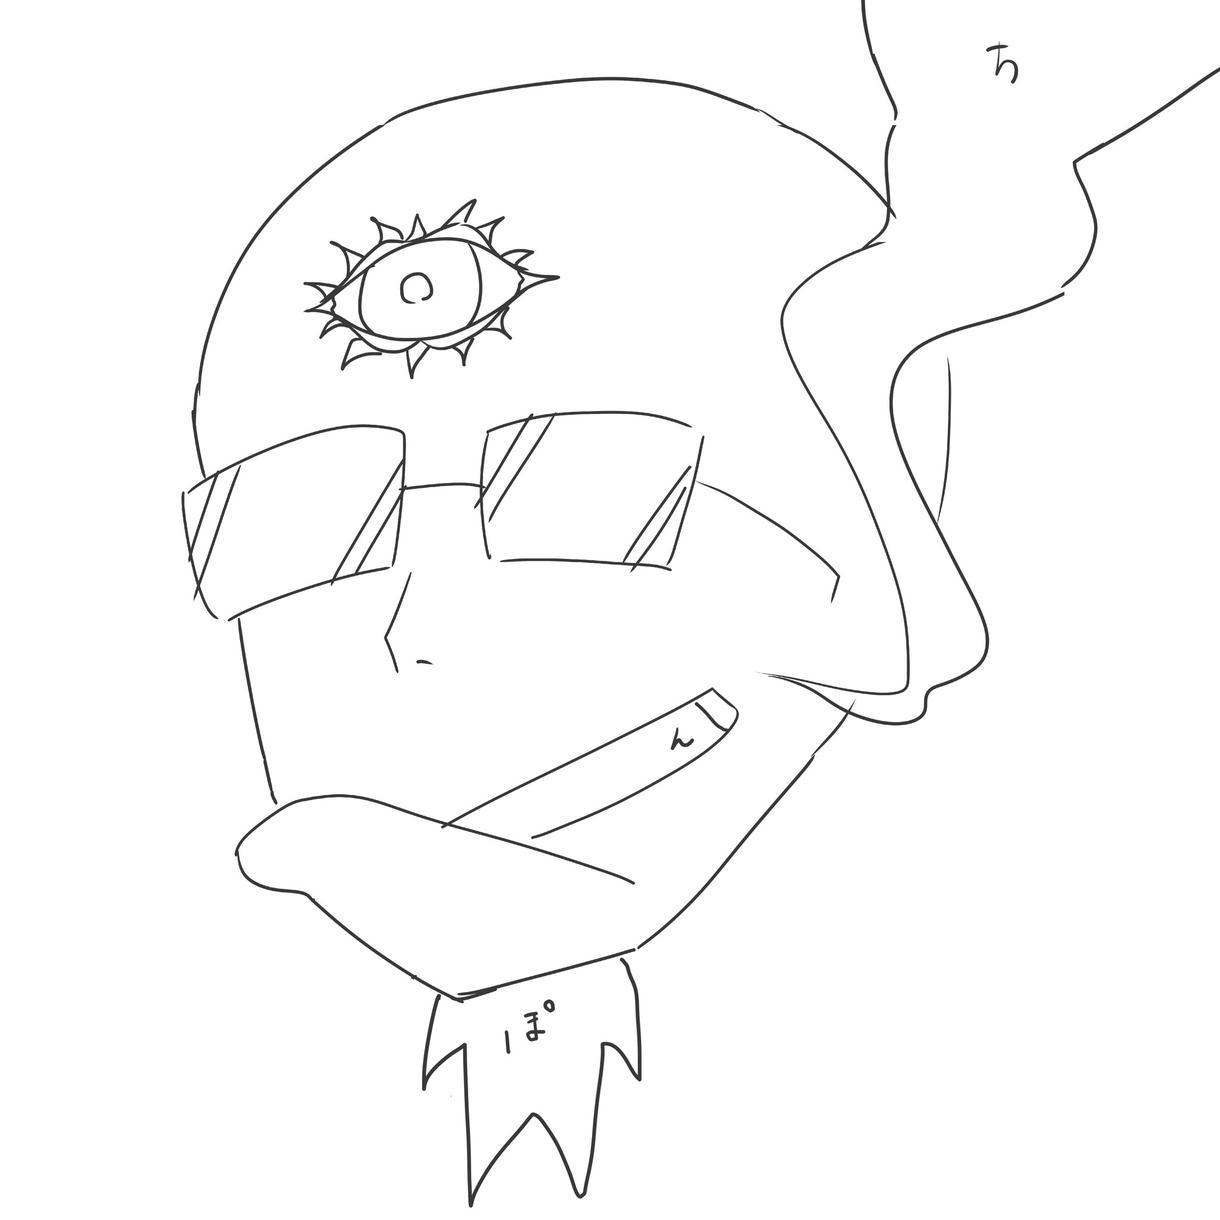 デジタル漫画アシスタントします 期間や料金などは要相談ということにしております。 イメージ1